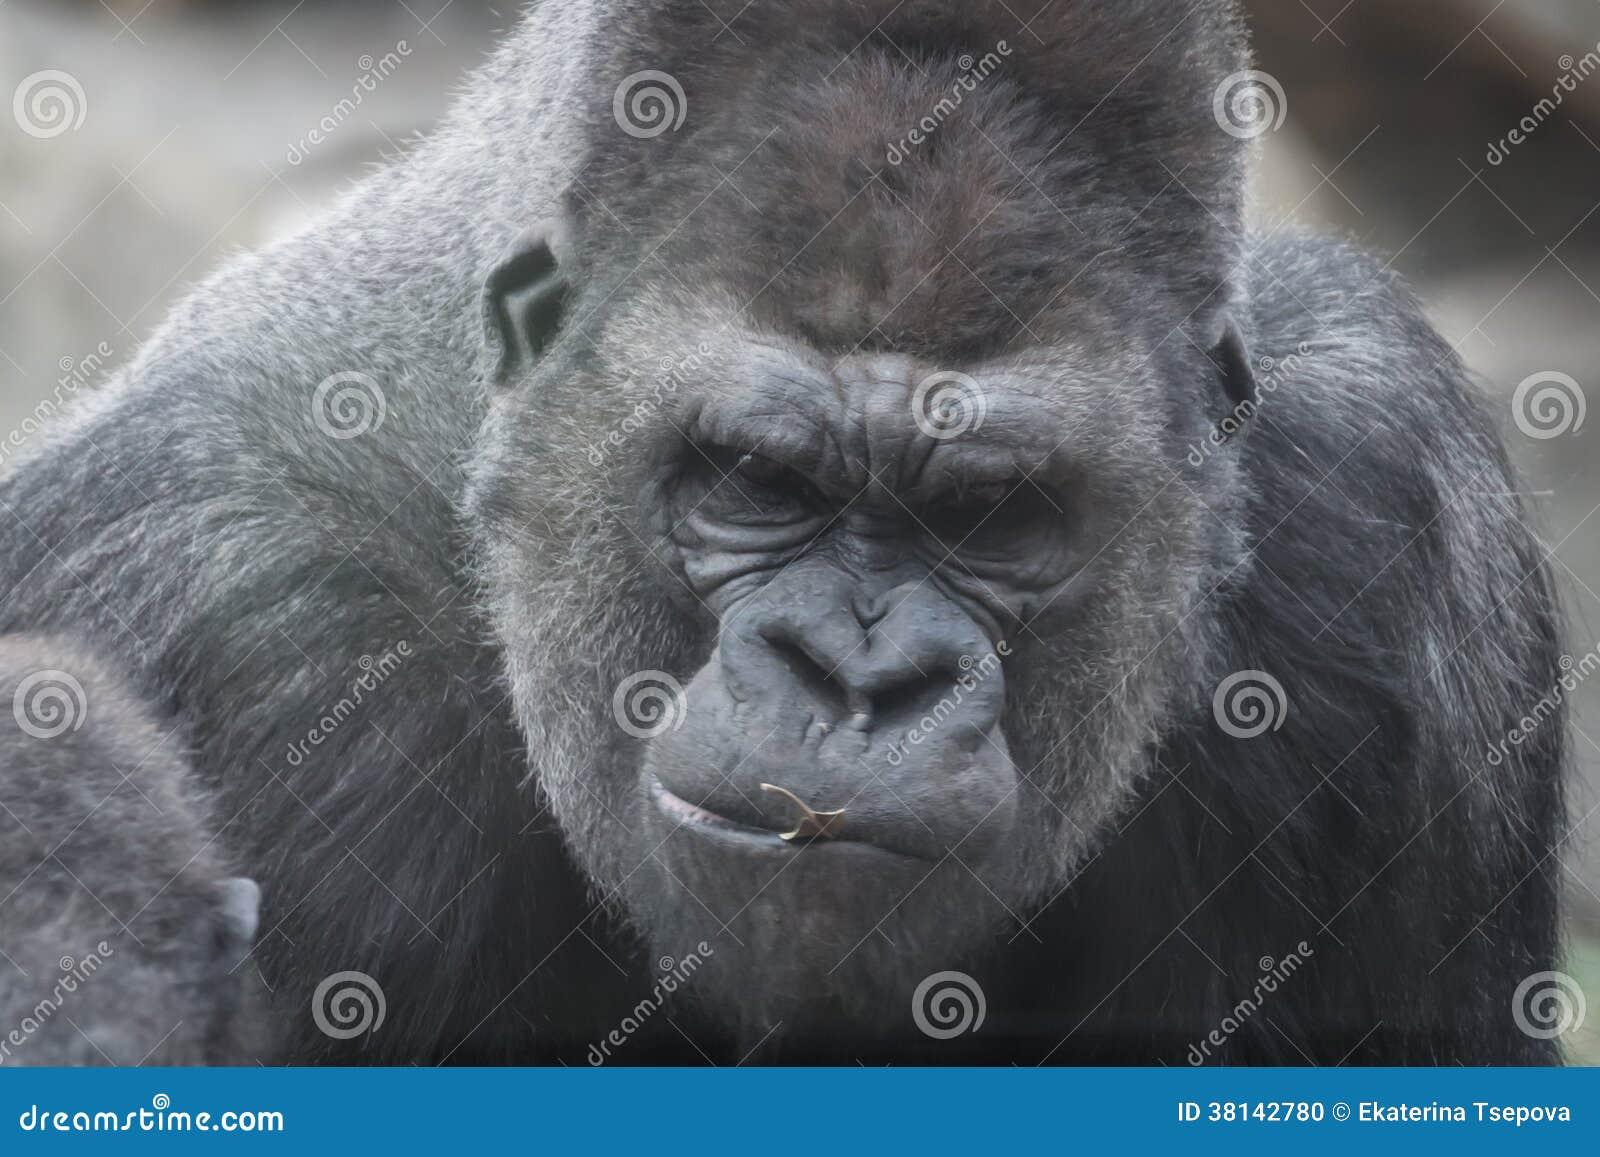 Portrait of gorilla